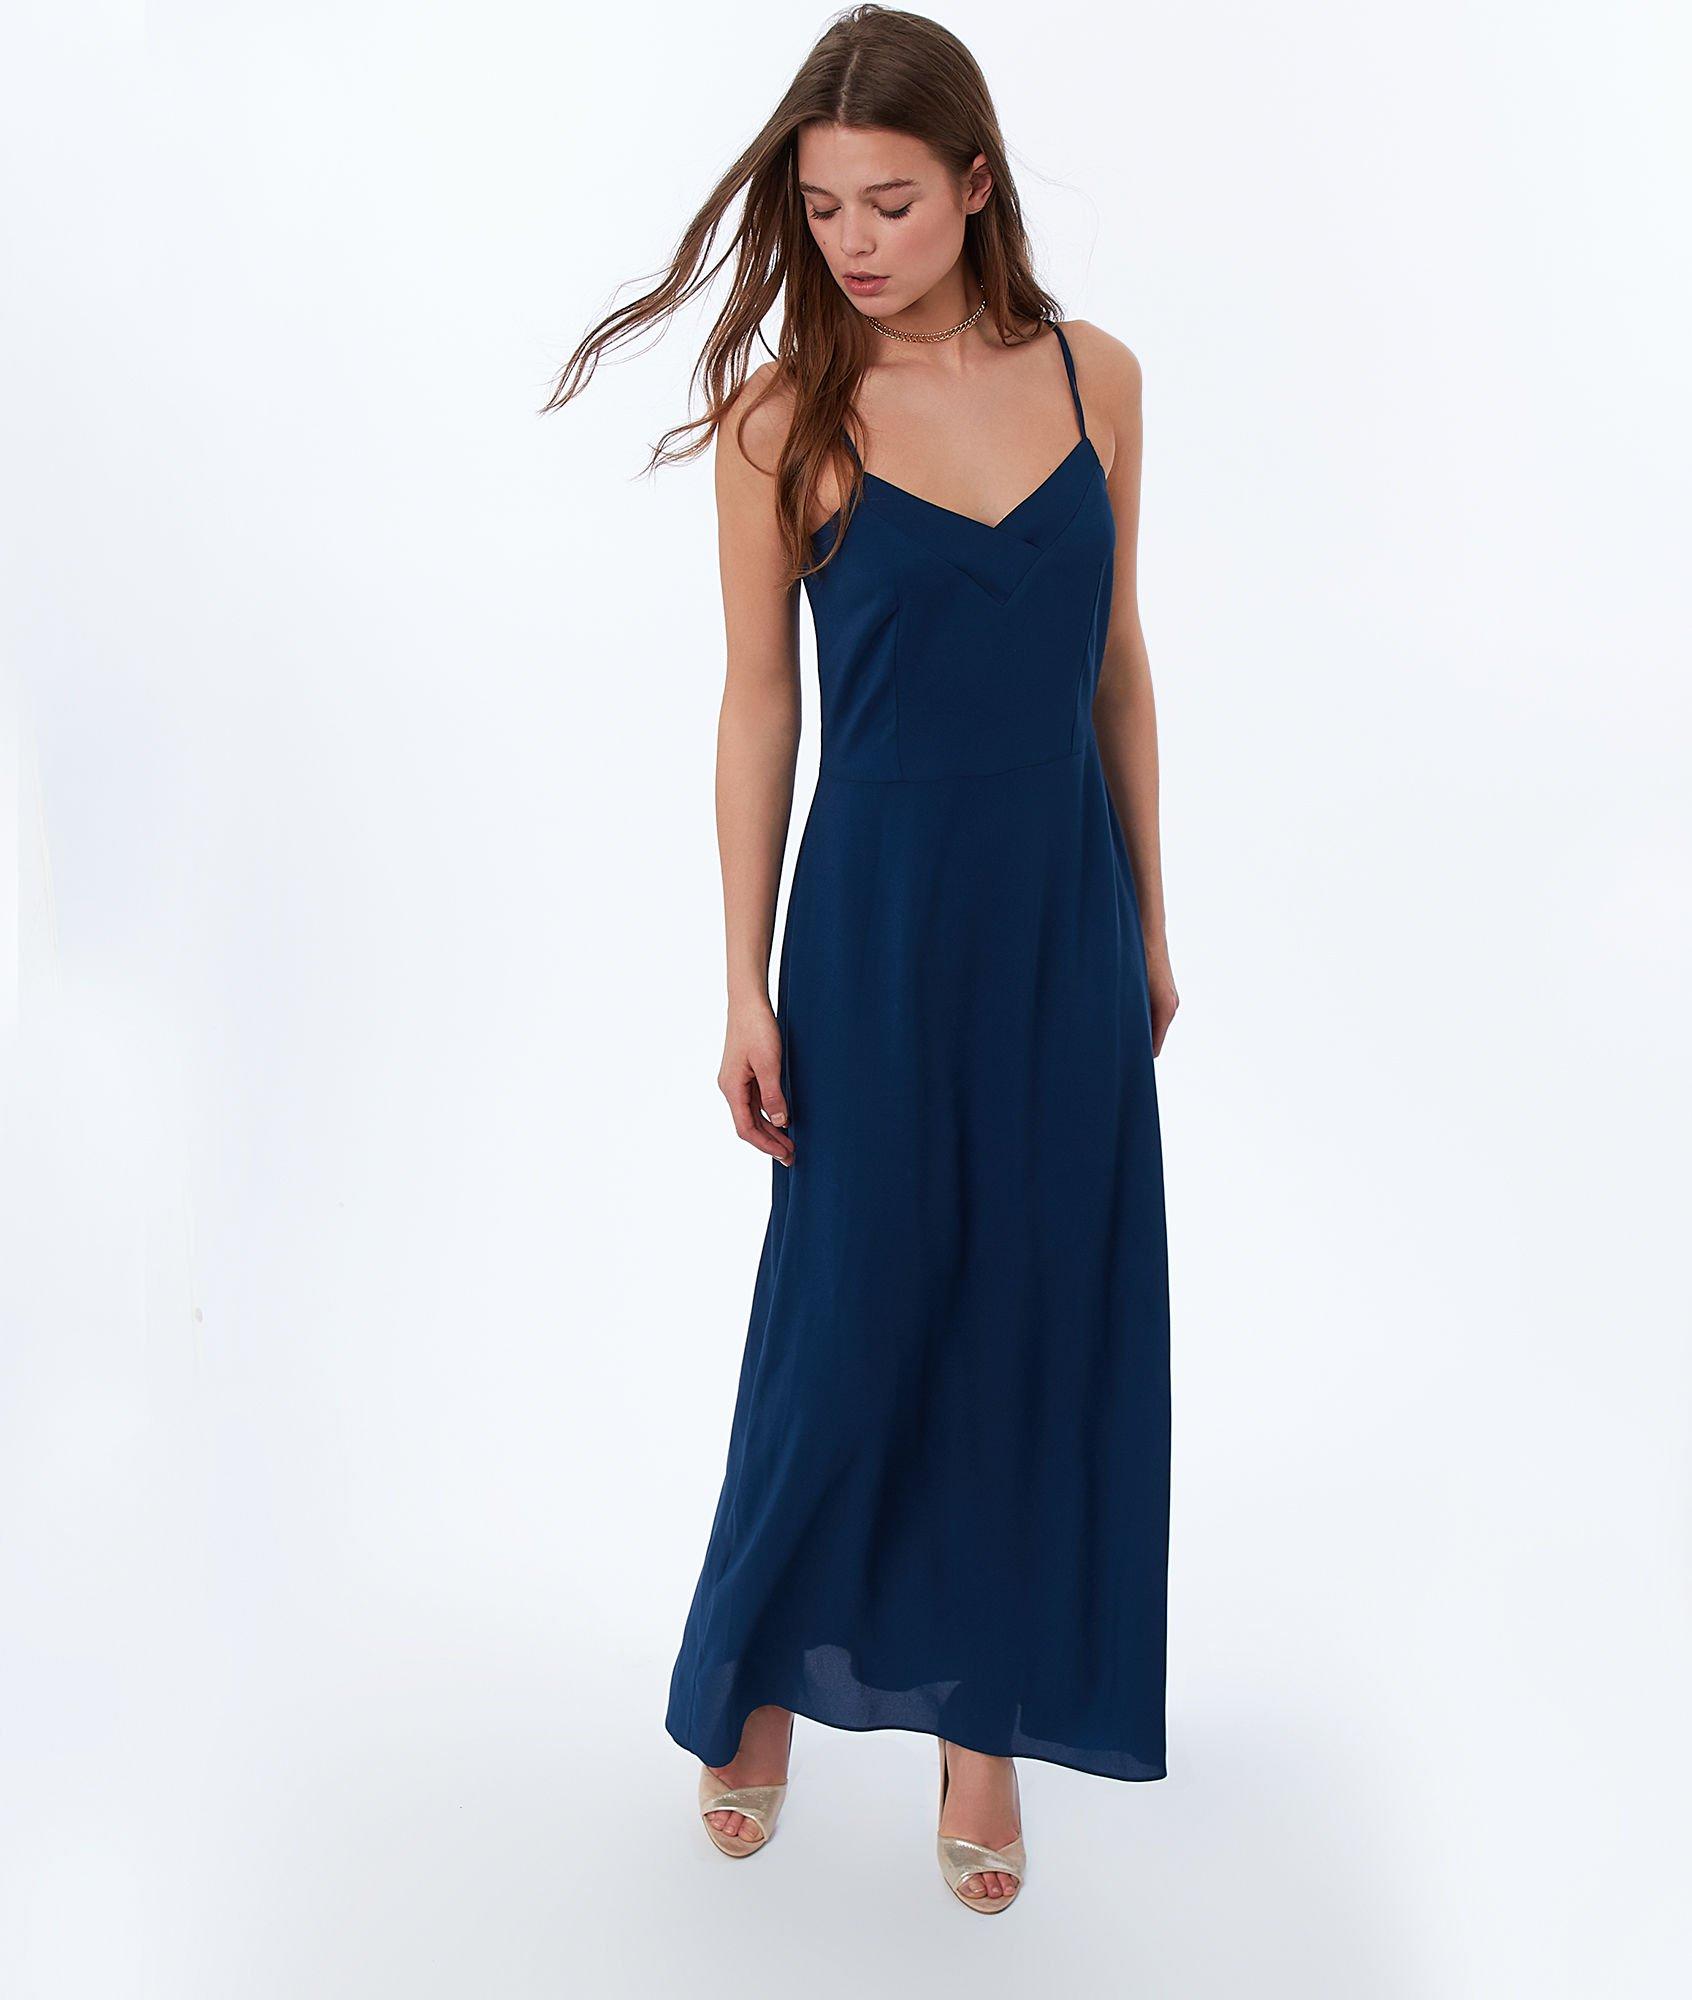 apparence élégante meilleur site se connecter Robe billie etam - Idée pour s'habiller